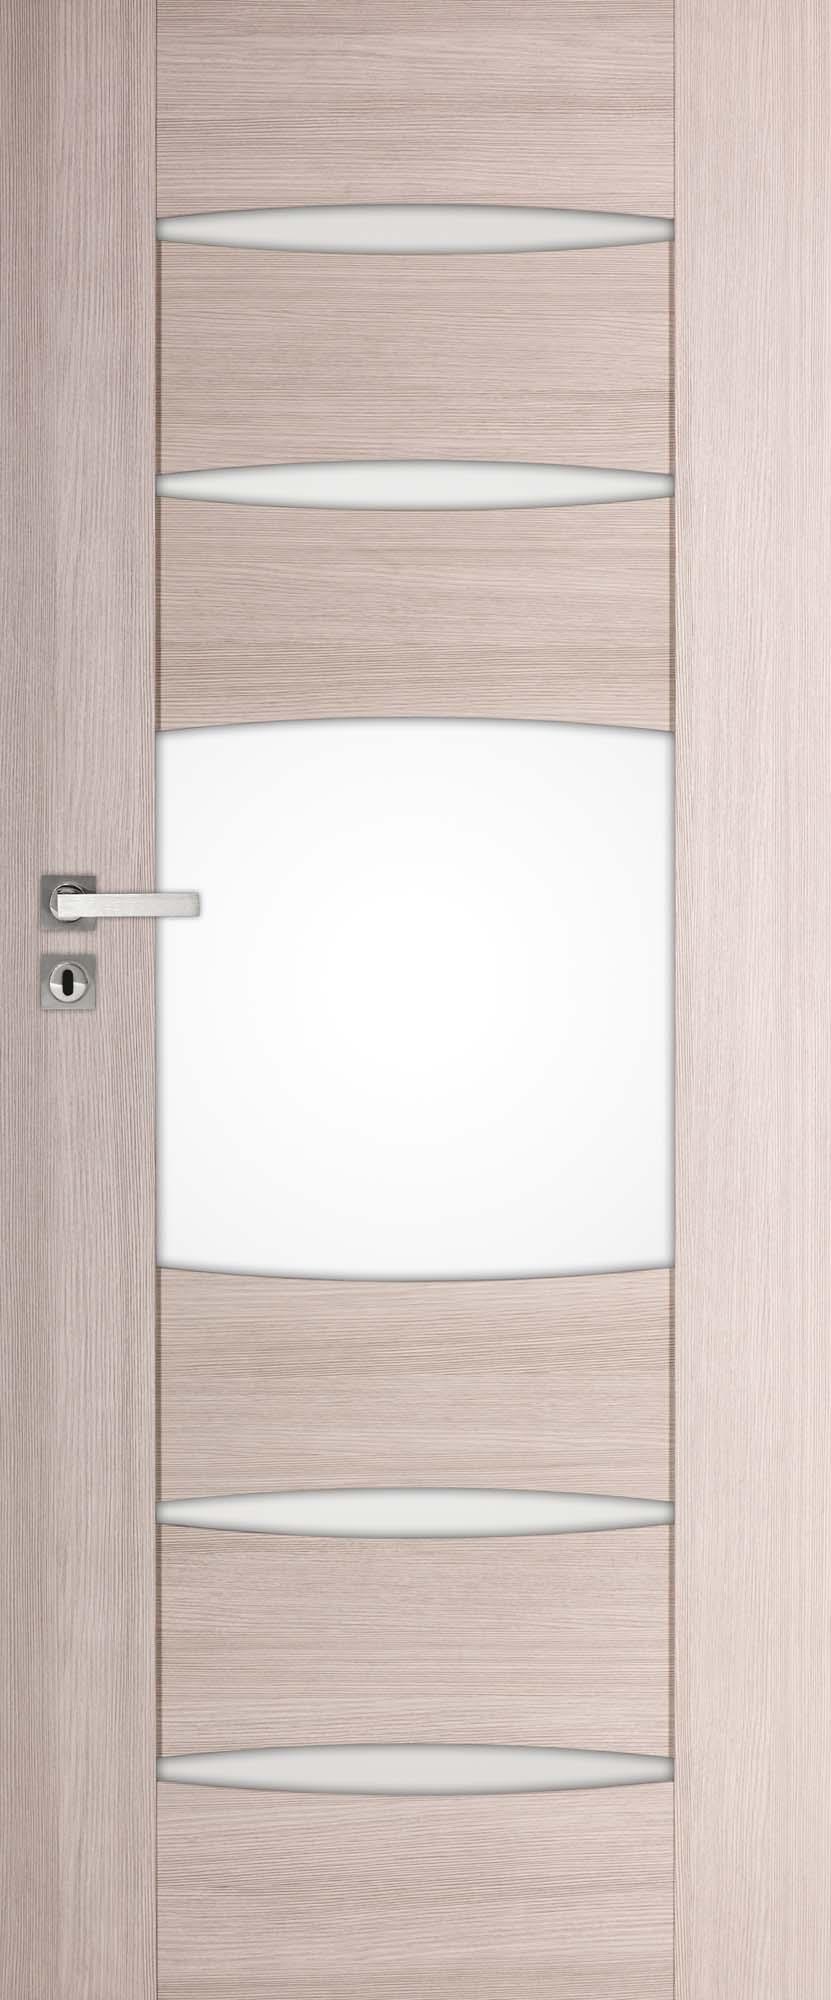 ENA 3, kolor dąb bielony ryfla, drzwi przylgowe lub bezprzylgowe z zamkiem magnetycznym